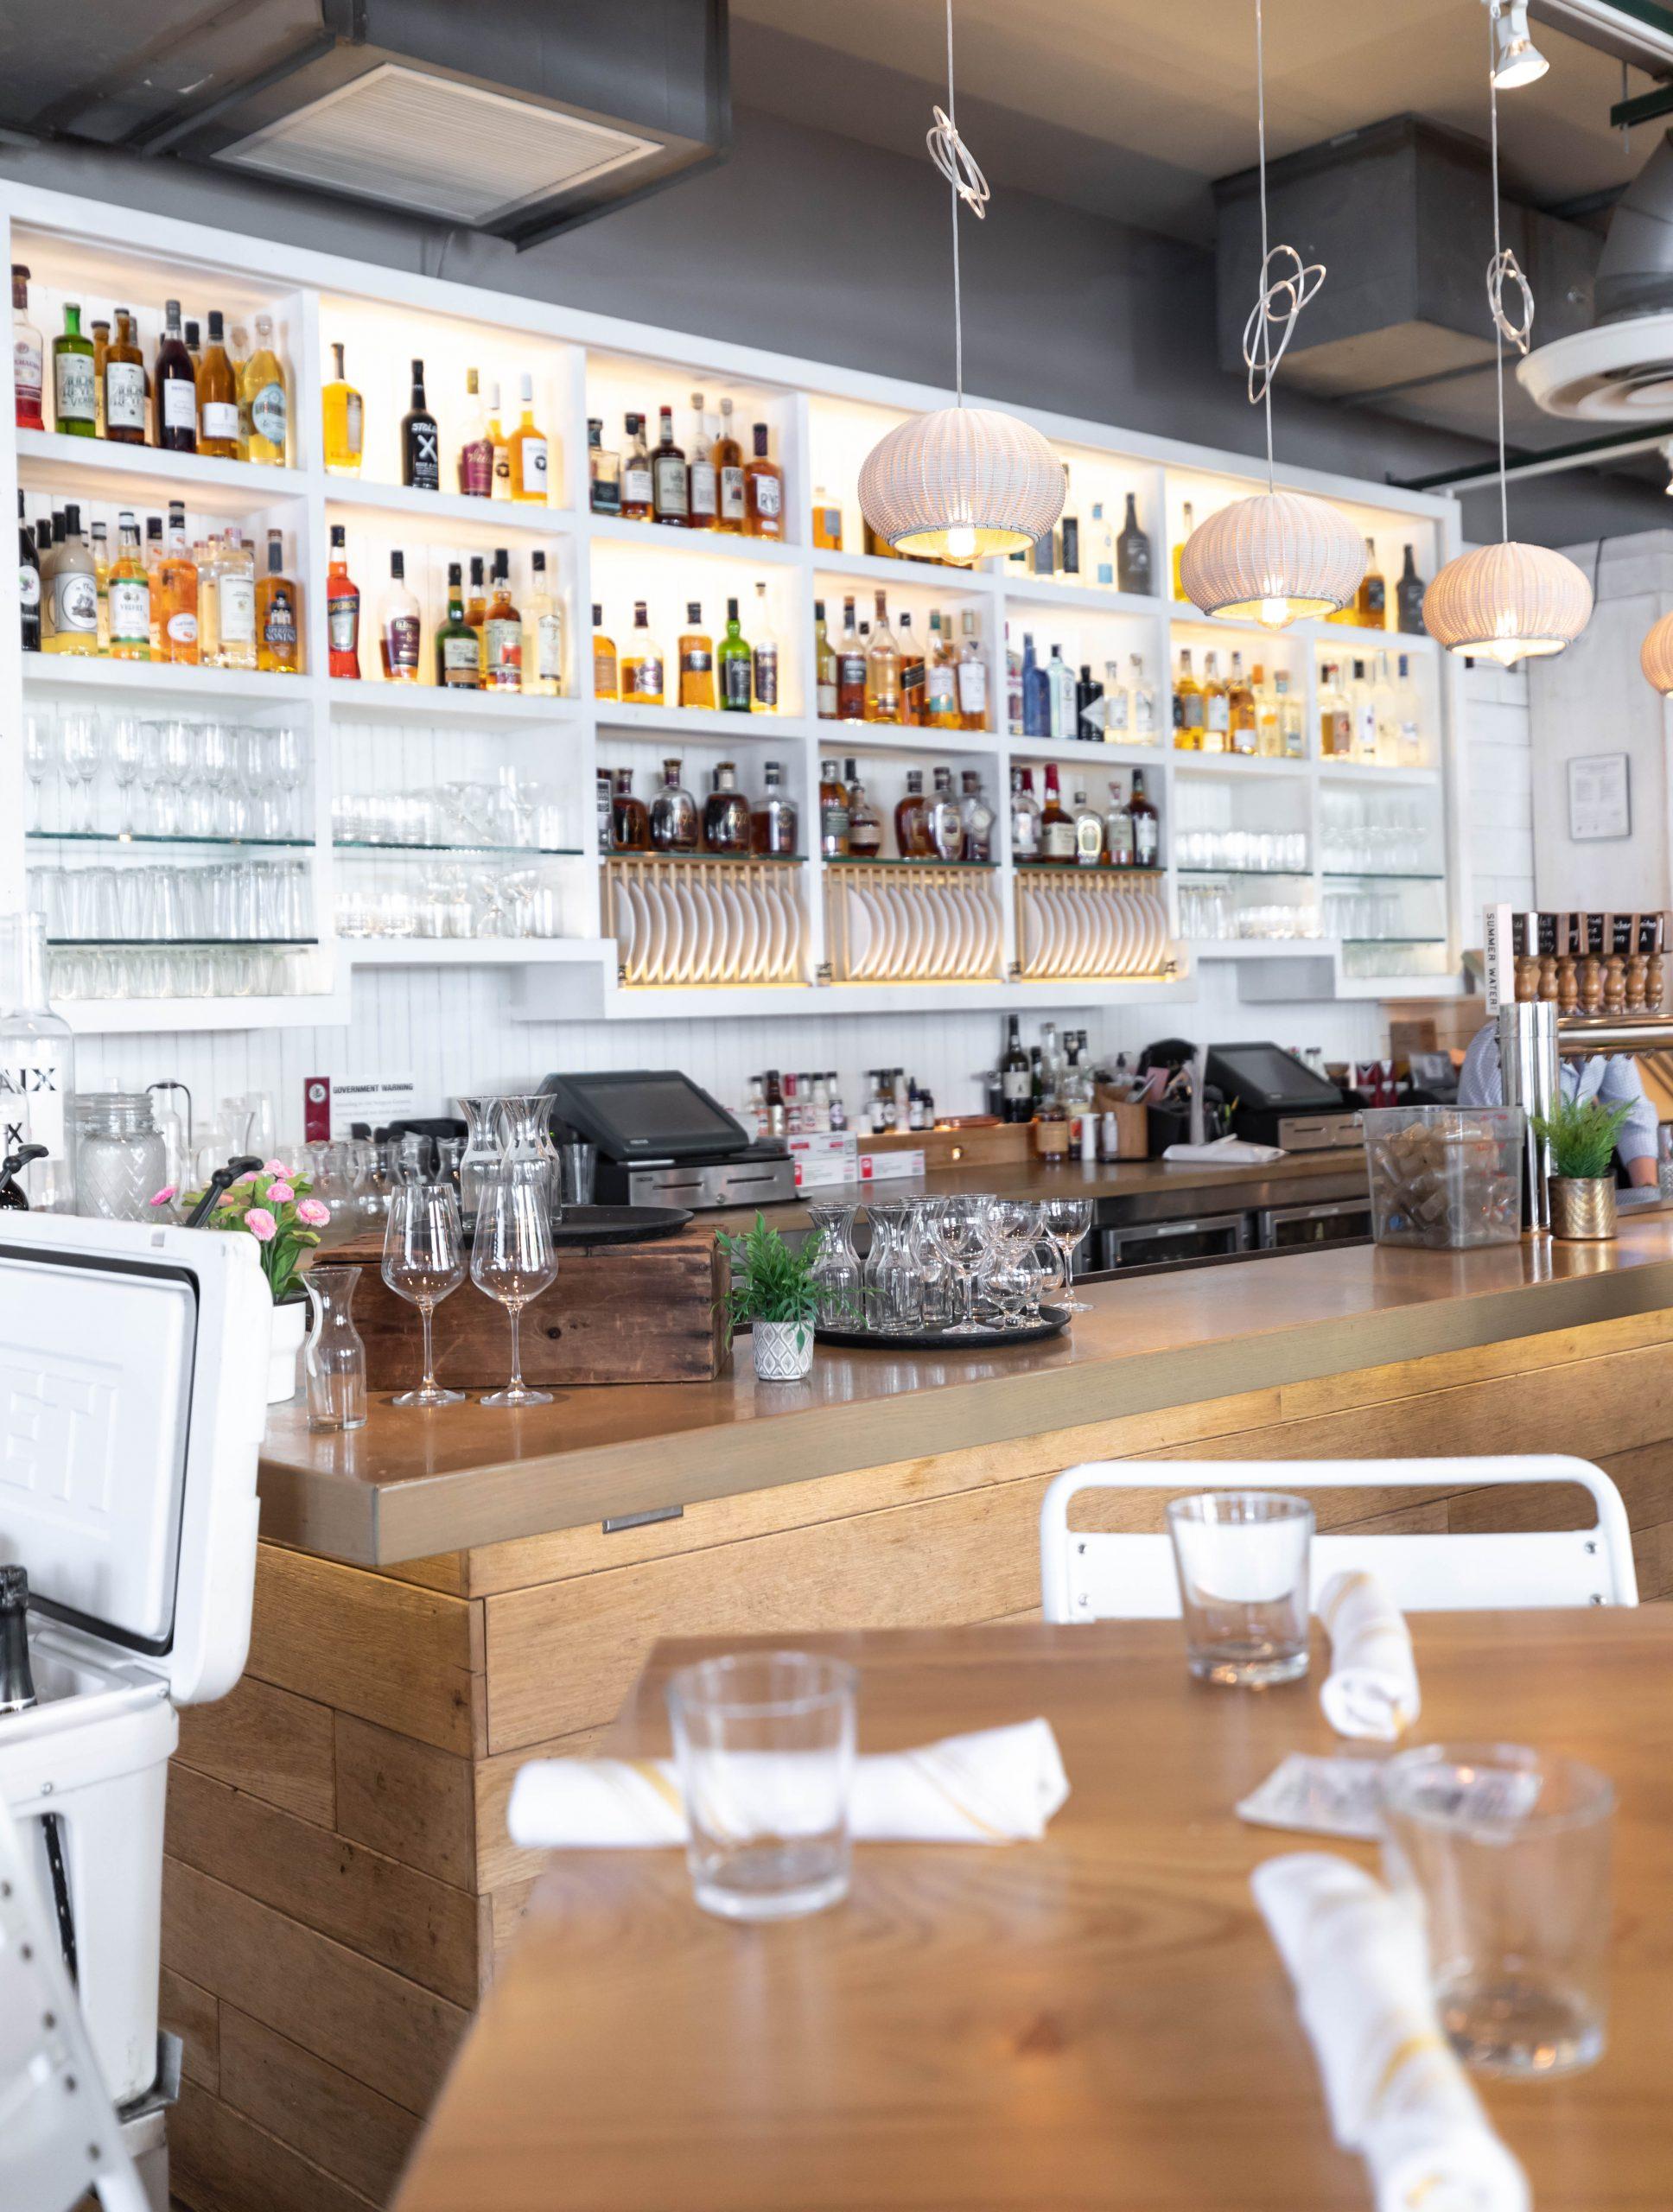 Summer House Santa Monica Vegan Friendly Gluten Free Restaurant in Chicago, Illinois Gold Coast by Annie Fairfax